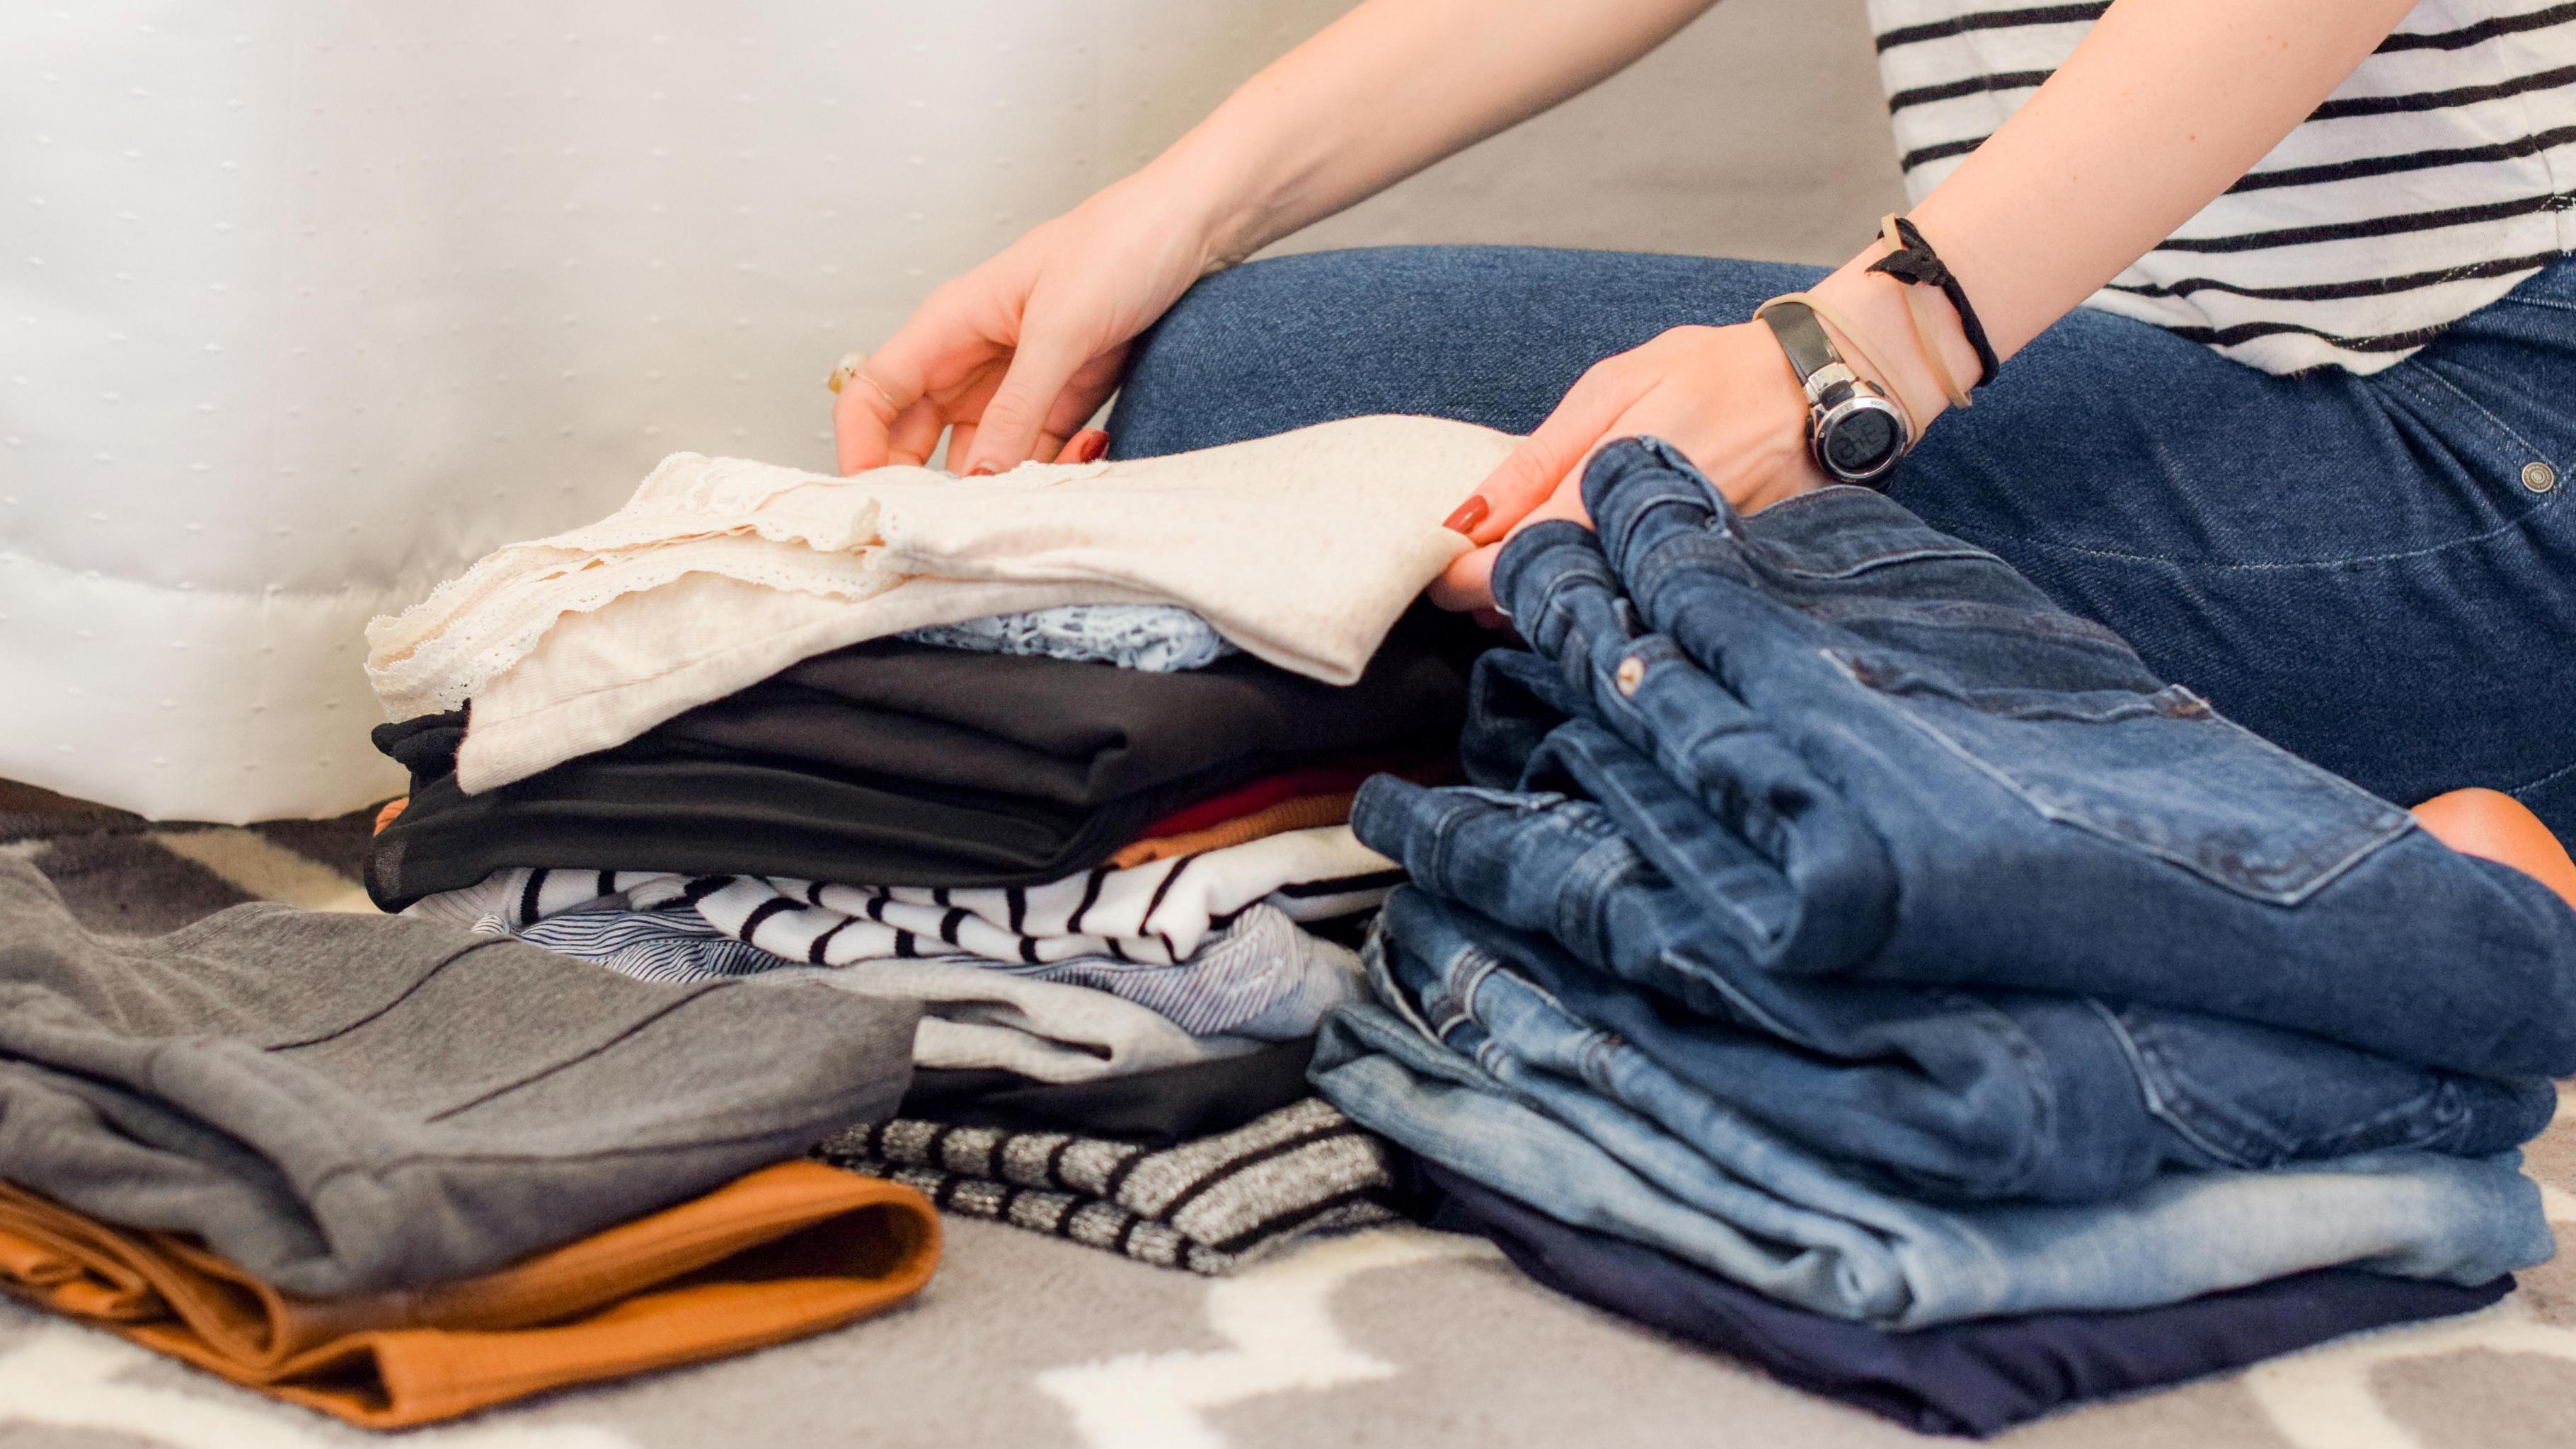 Frau sortiert Kleidung